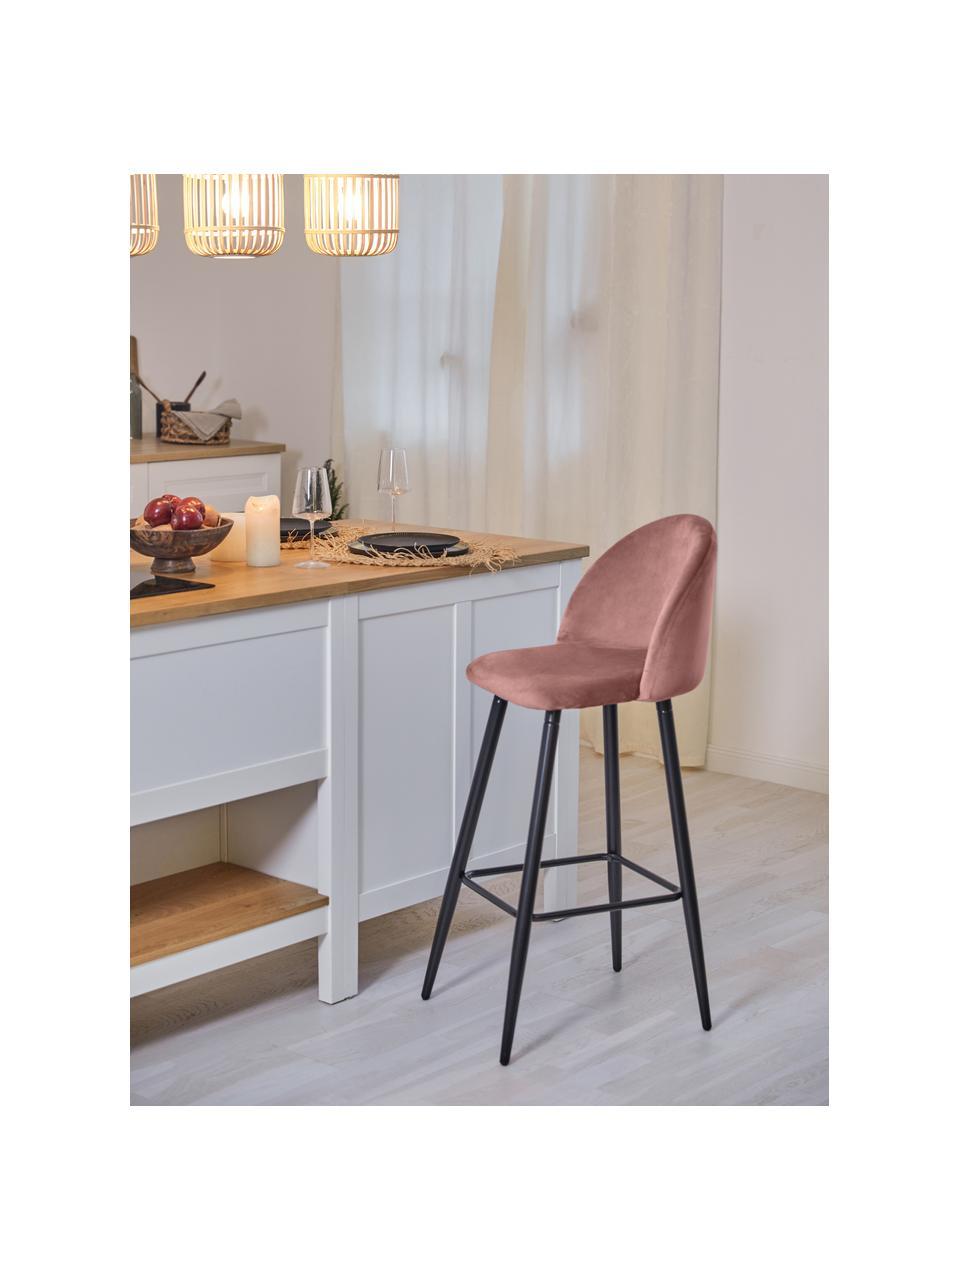 Samt-Barstuhl Amy in Rosa, Bezug: Samt (Polyester) Der hoch, Beine: Metall, pulverbeschichtet, Samt Rosa, 45 x 103 cm